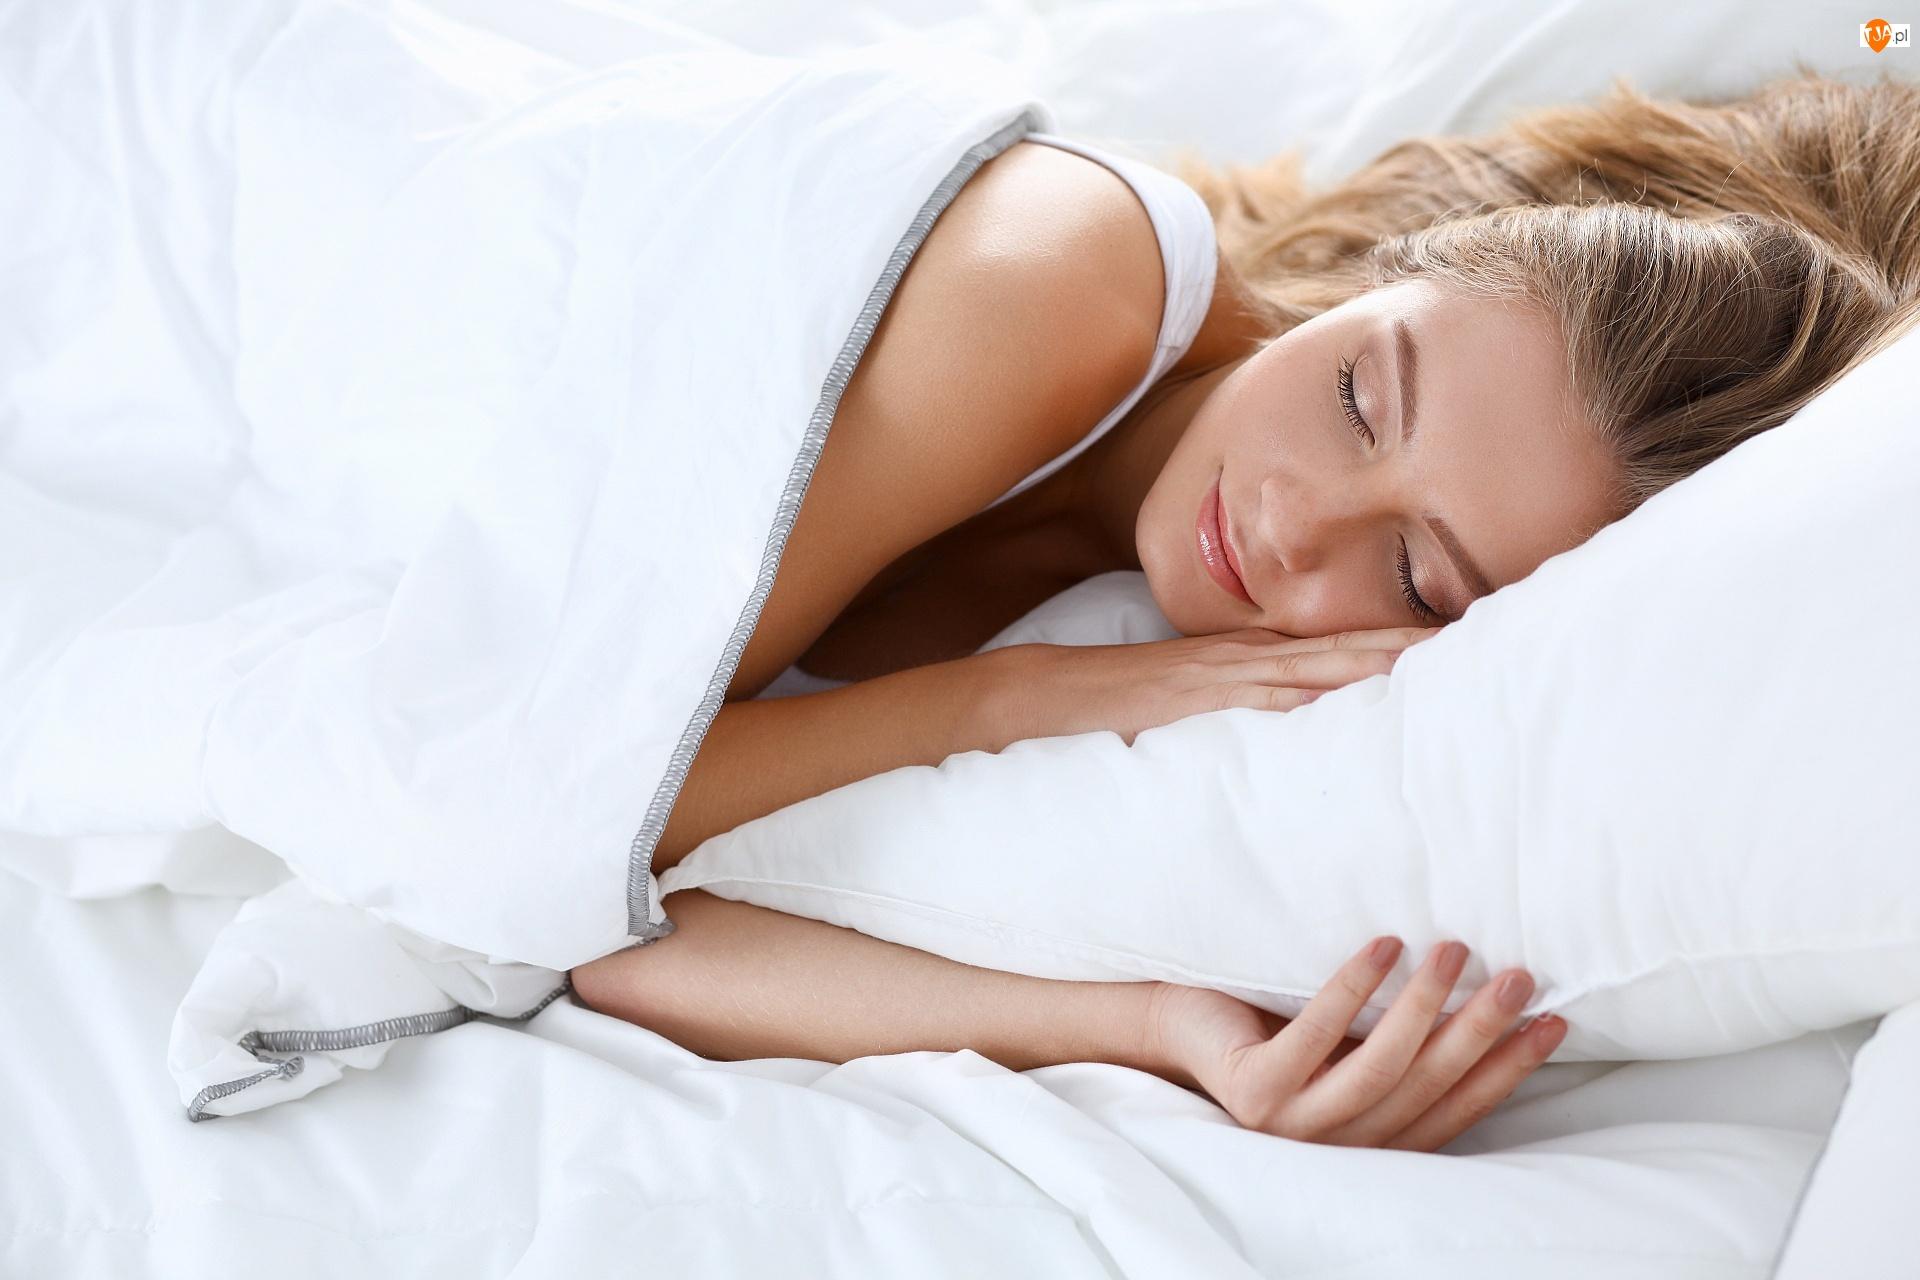 Pościel, Śpiąca, Kobieta, Biała